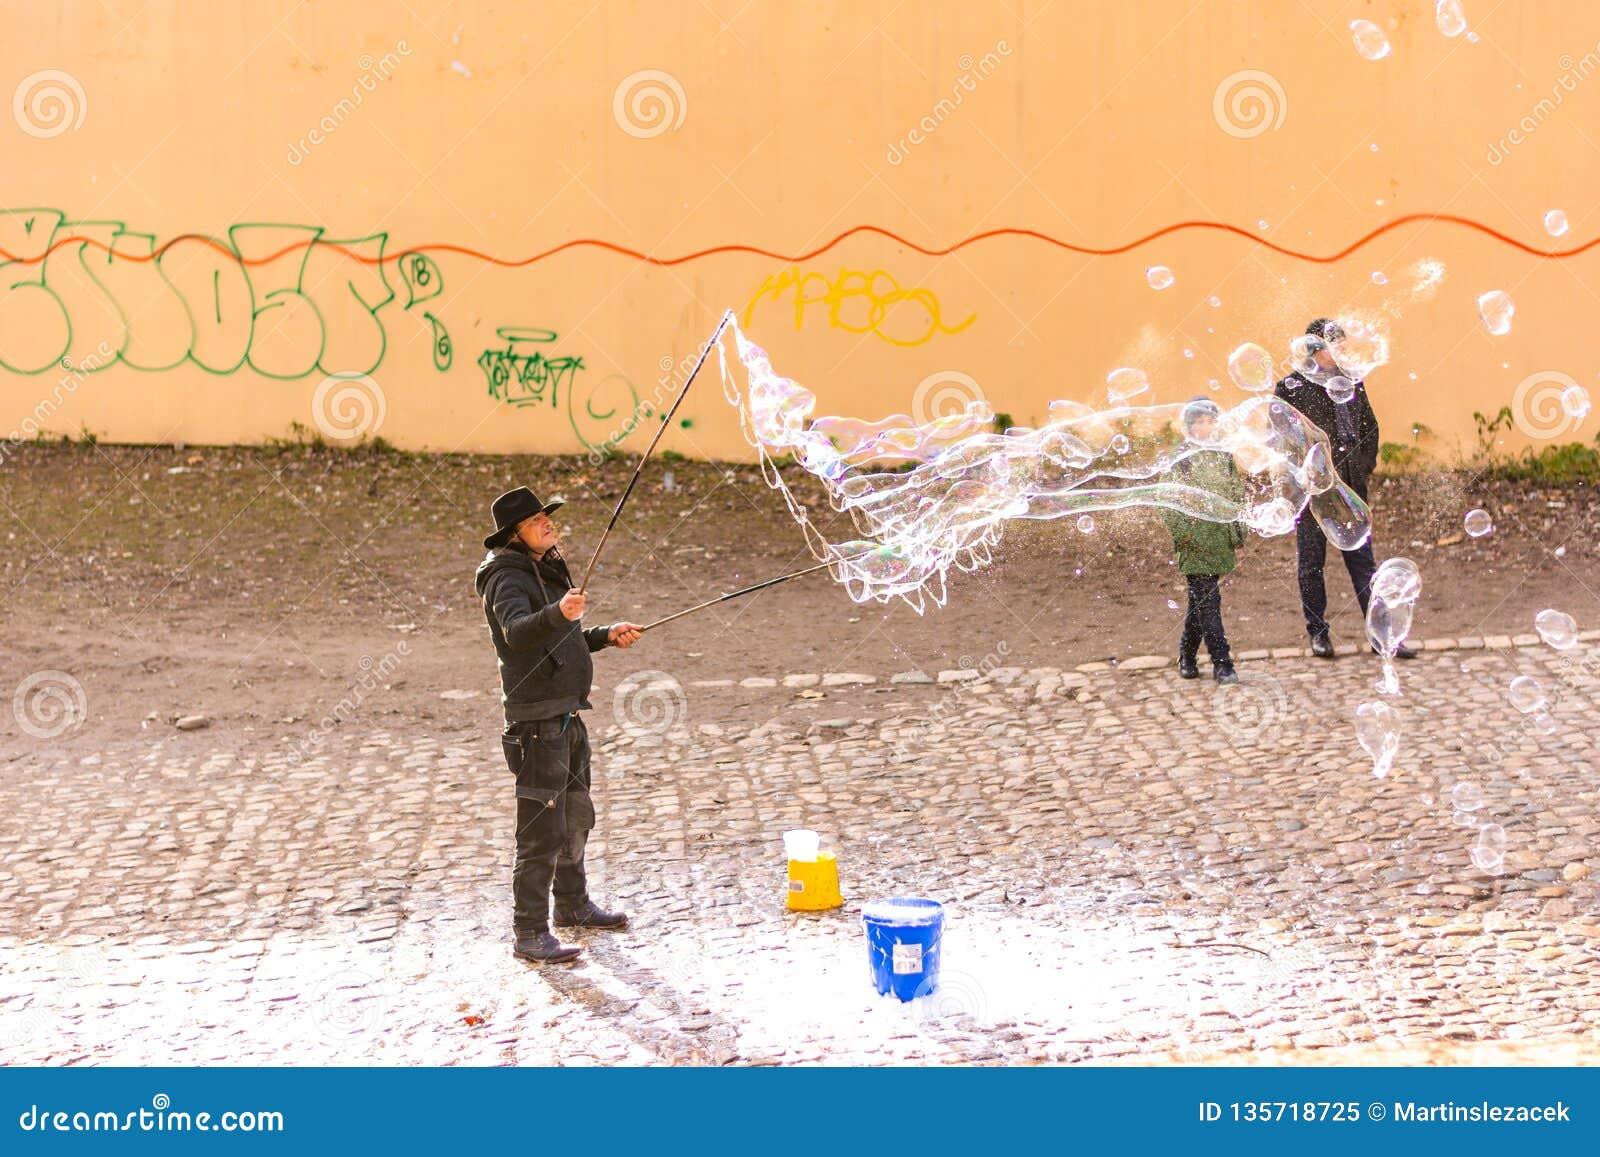 Прага, чехия - 8 12 2018: Художник пузыря делает пузыри мыла на улице города Праги